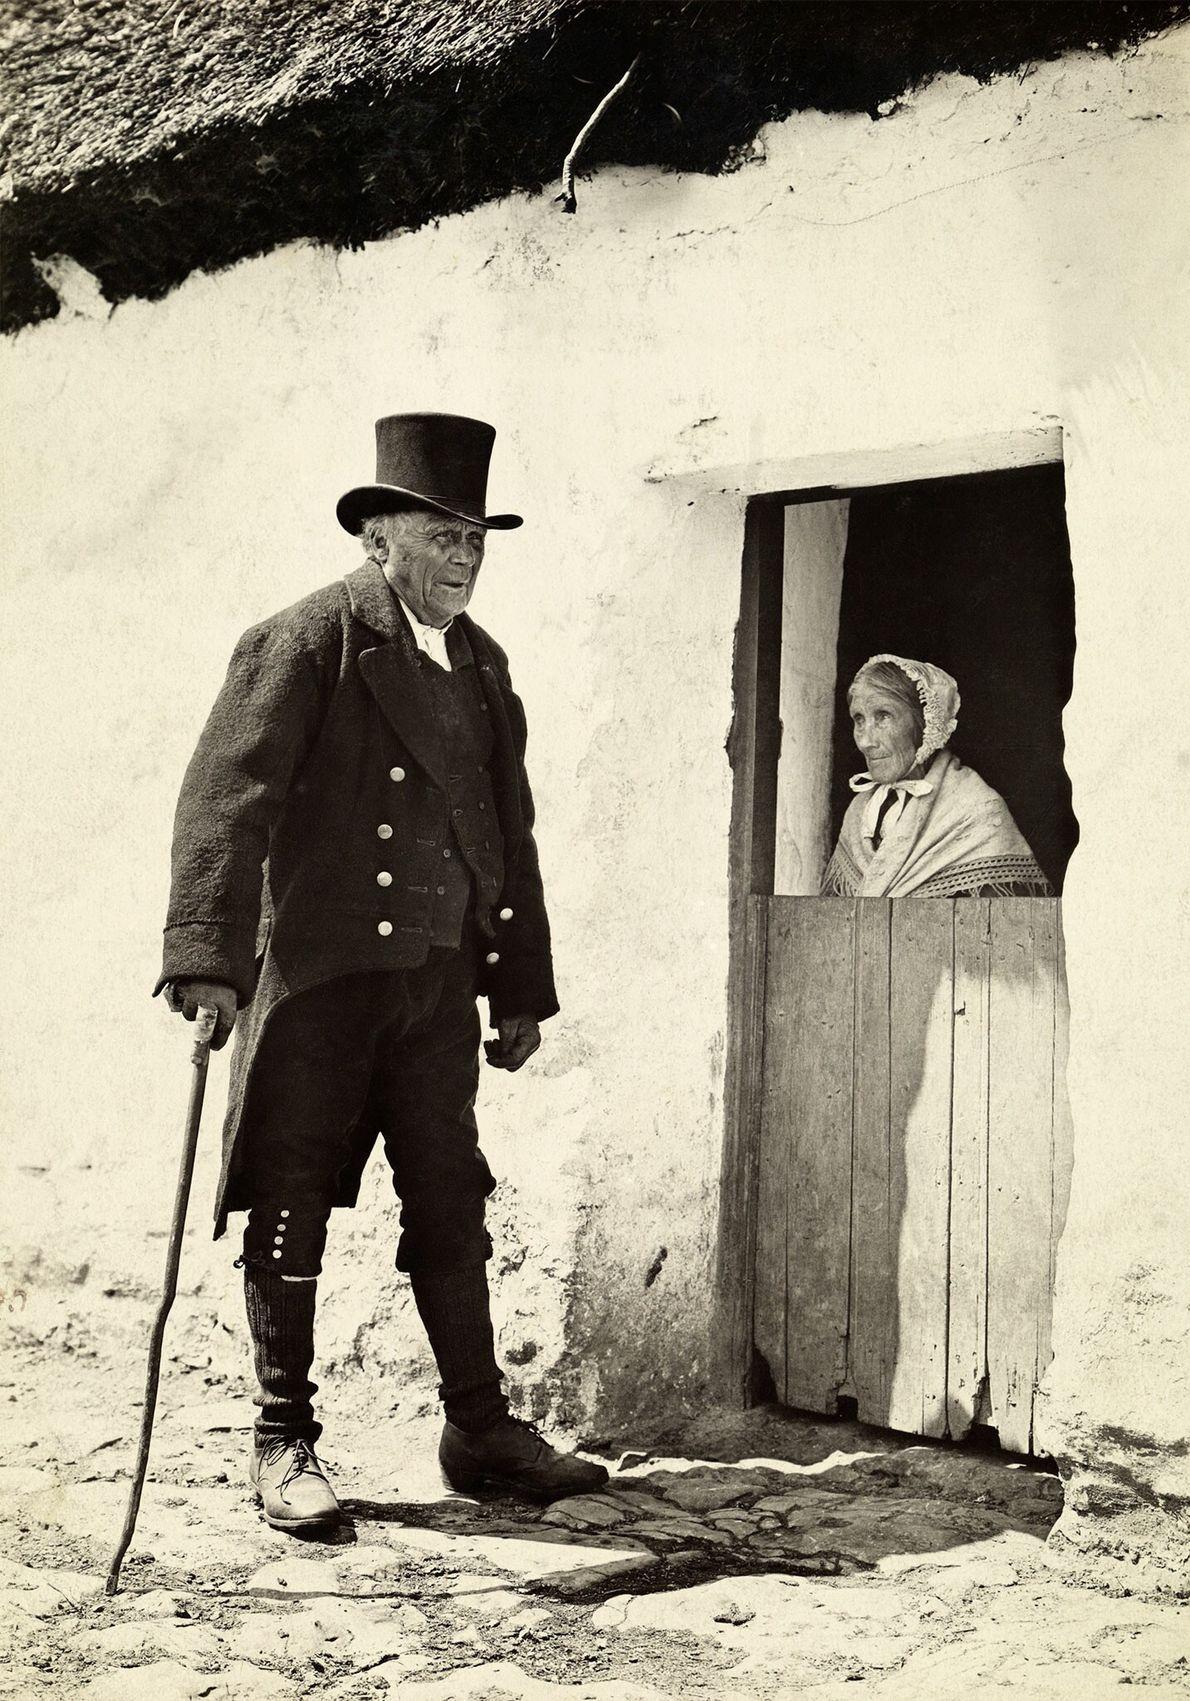 Auf der Insel Inishakra, die zu den irischen Aran-Inseln gehört, sind 1915 Schuljungen in Wollunterröcken gekleidet.